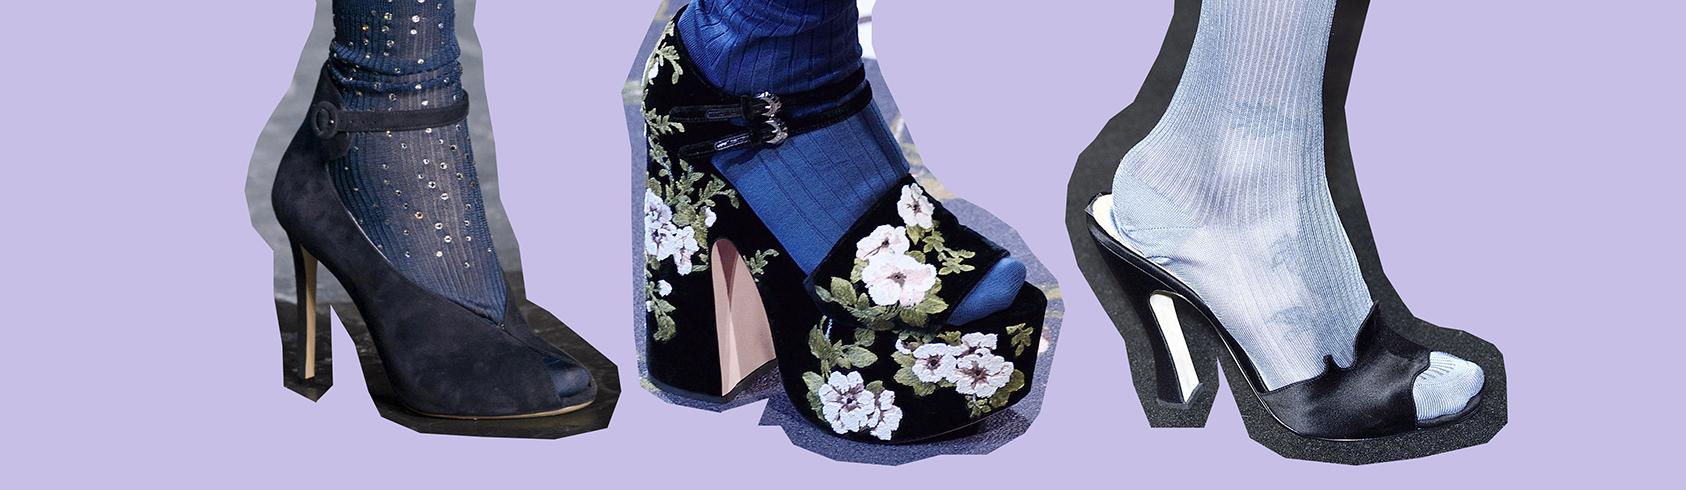 Бабушка довольна: как дизайнеры прививают нам моду на колготки и носки-320x180